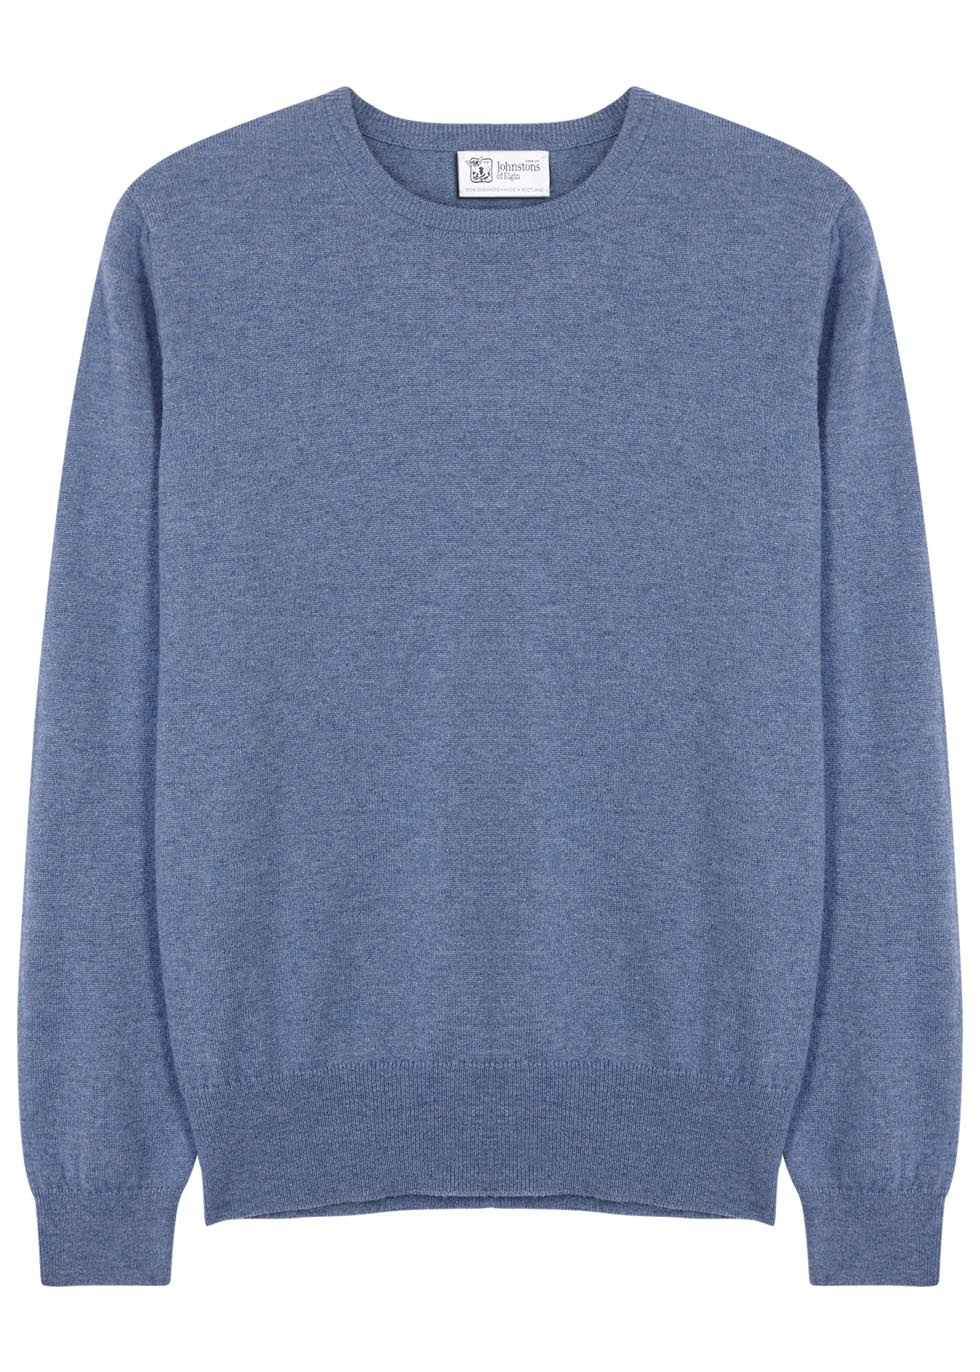 Blue cashmere jumper - Johnstons of Elgin